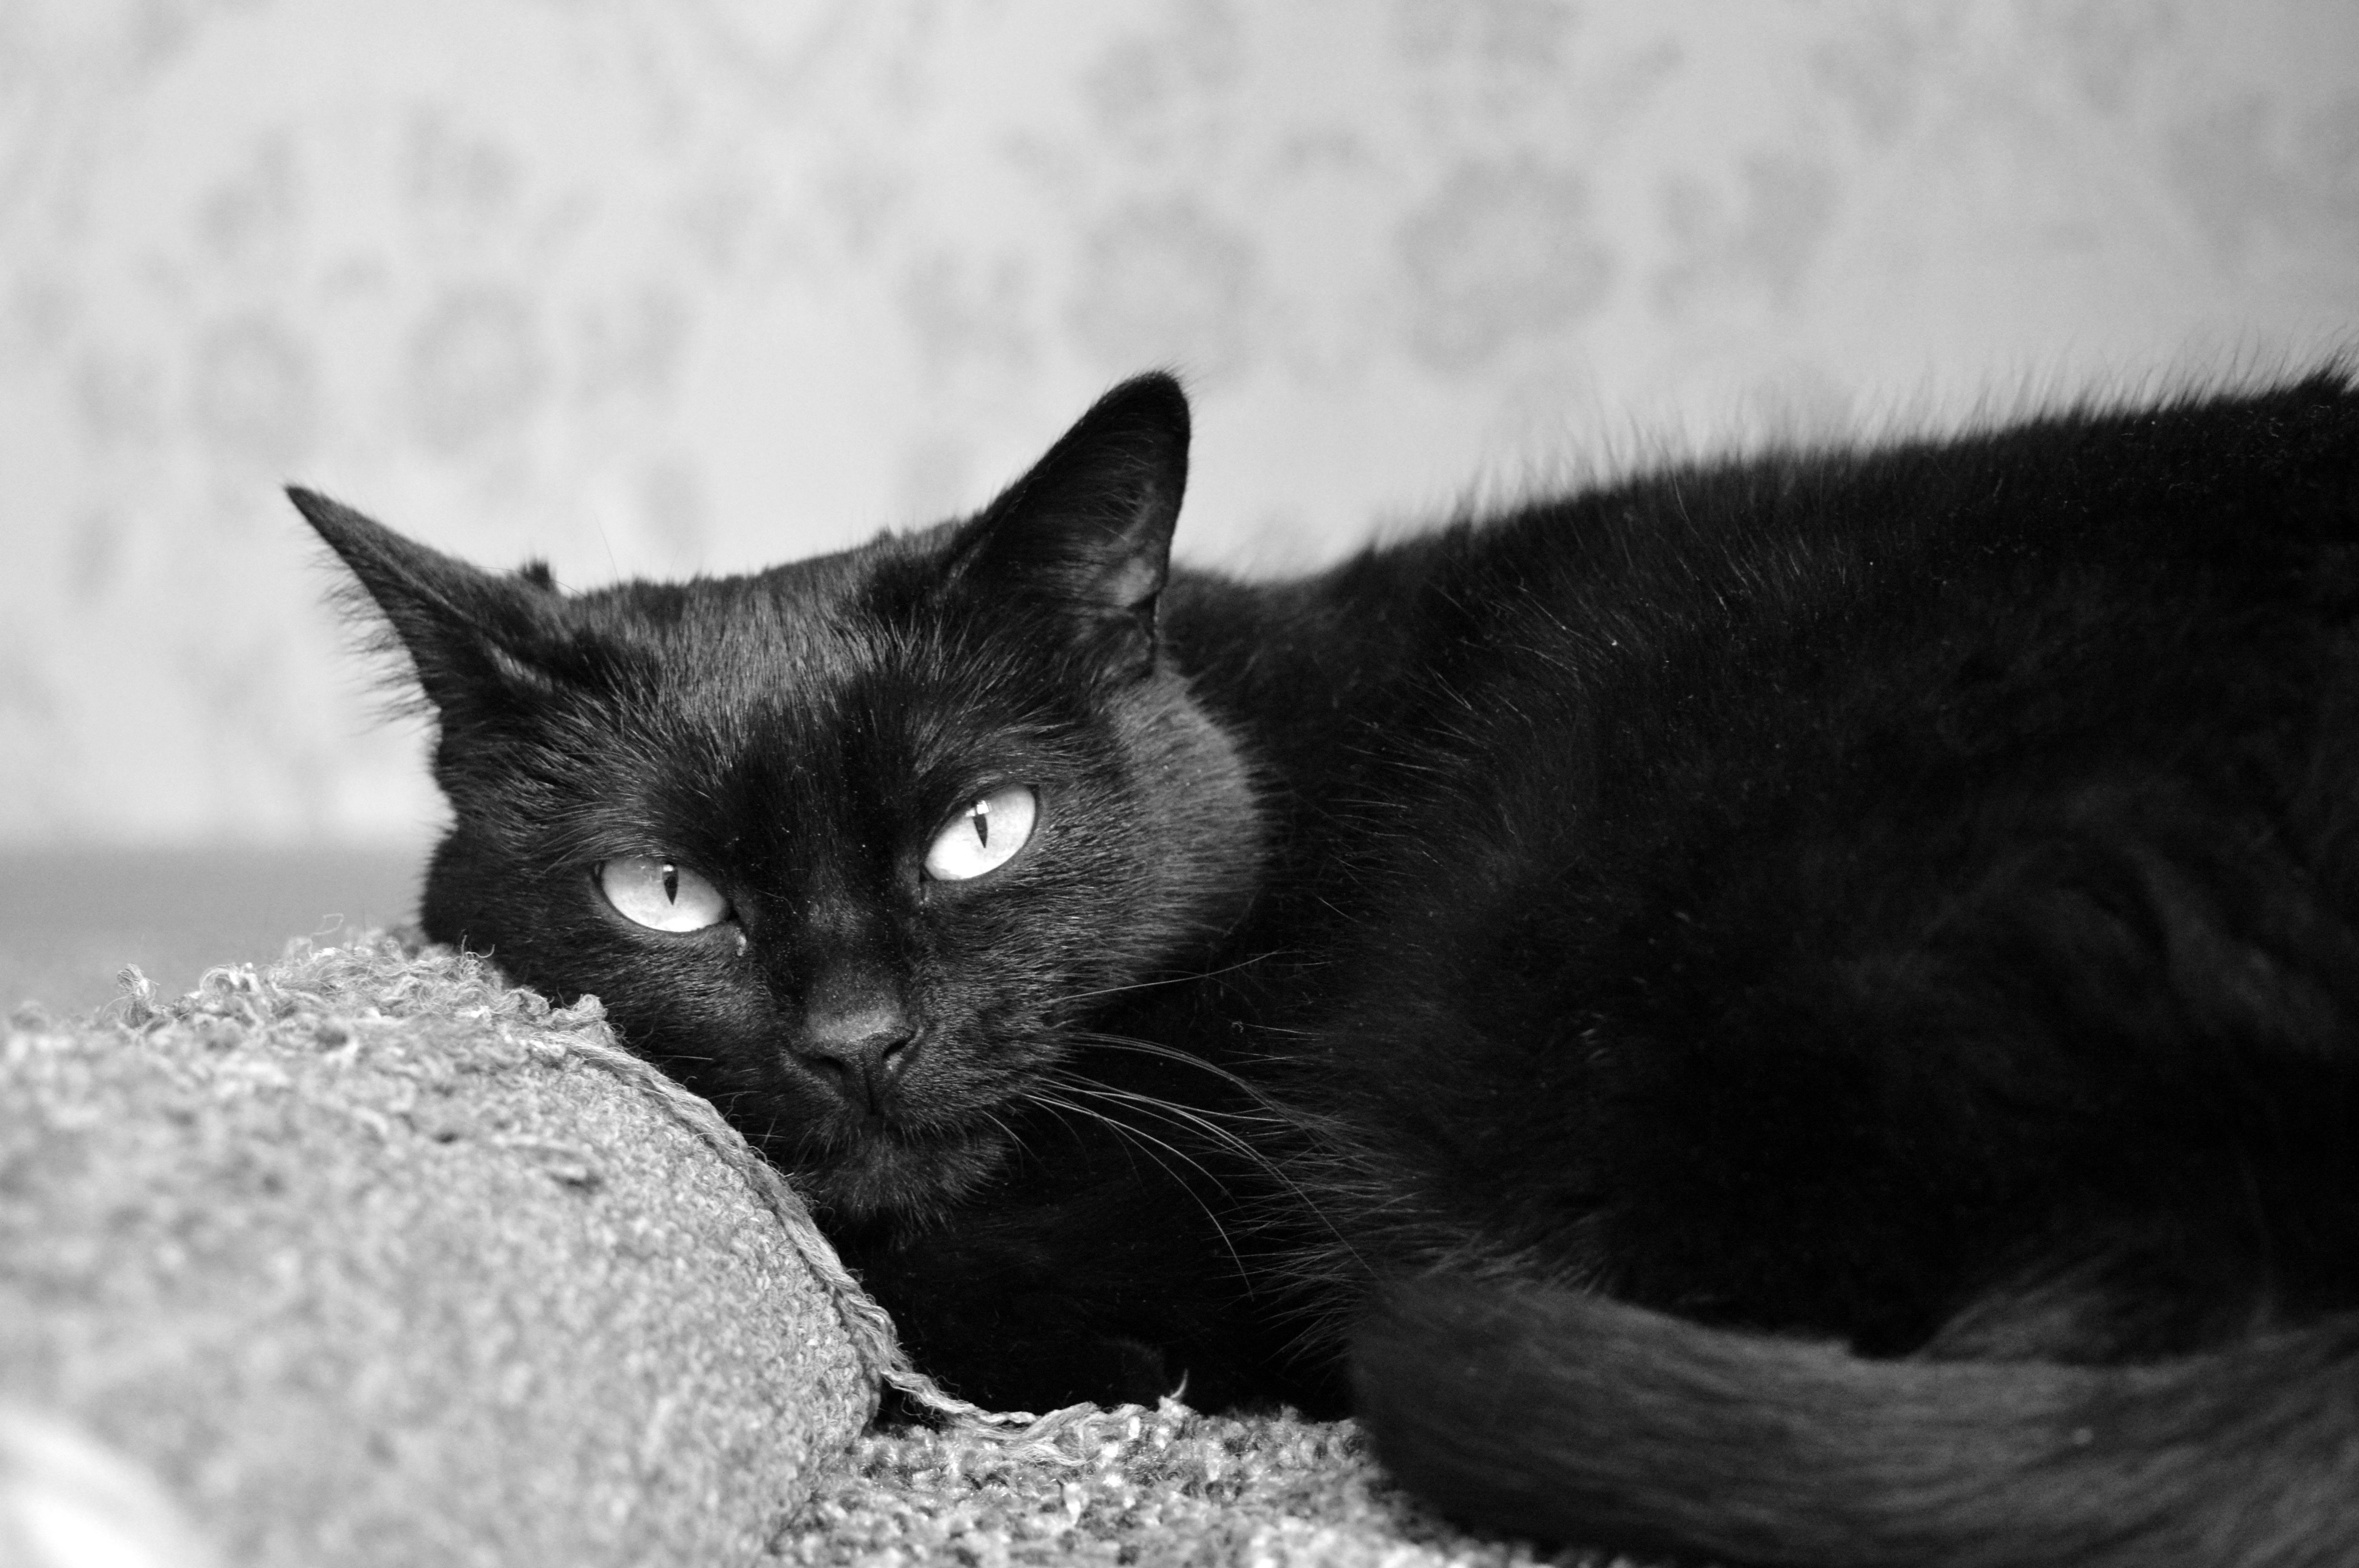 Zdarma mladé černé kočička obrázky